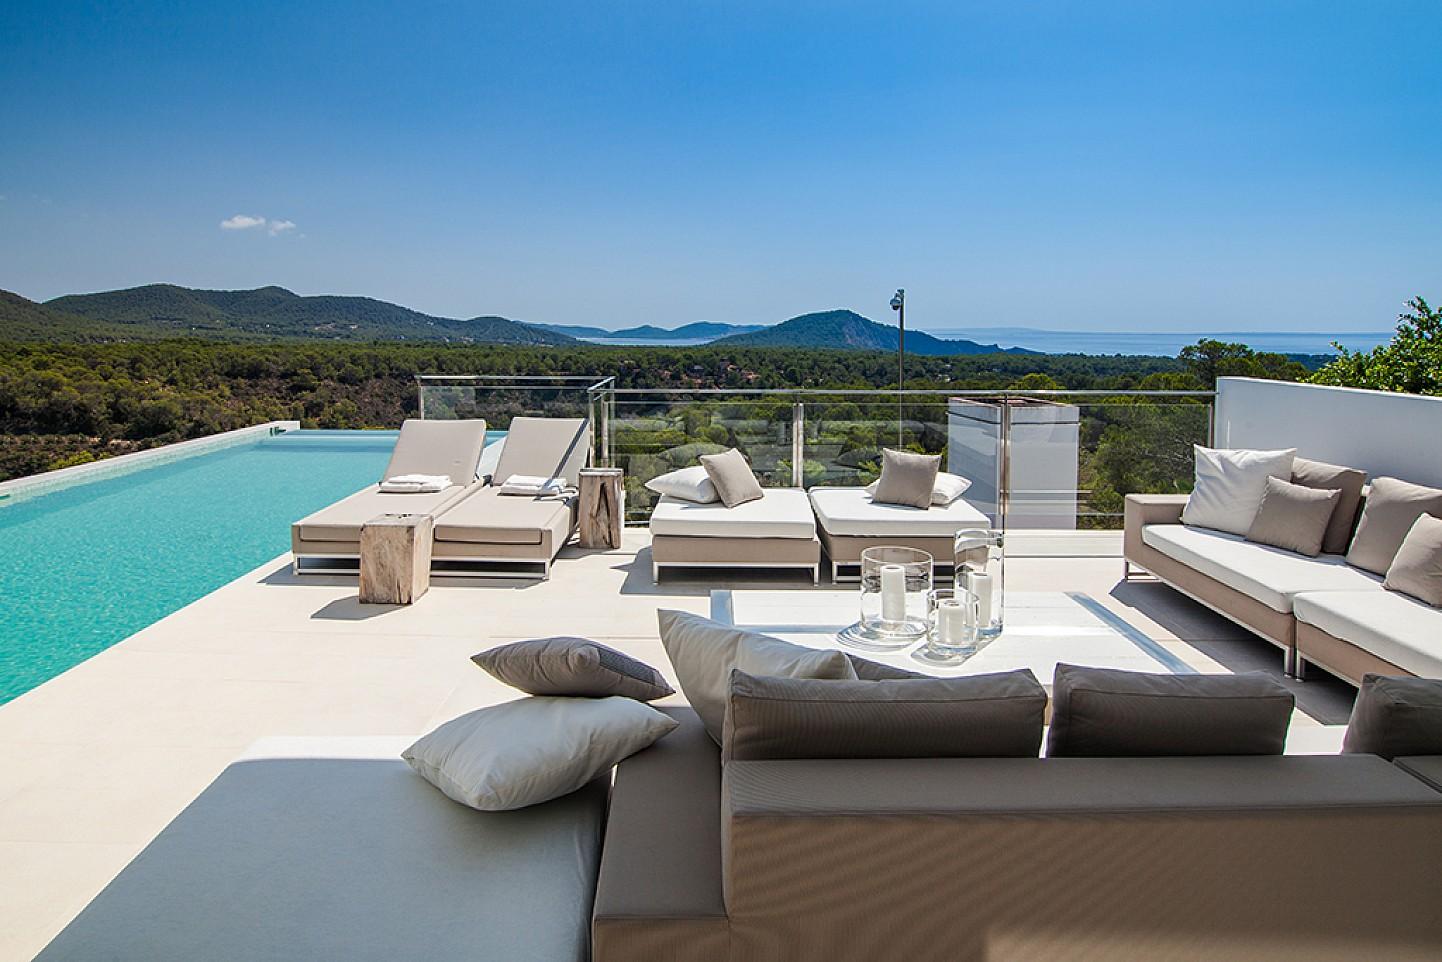 Exteriors amb vistes d'una impressionant vila de luxe en lloguer a Es Cubells, Eivissa